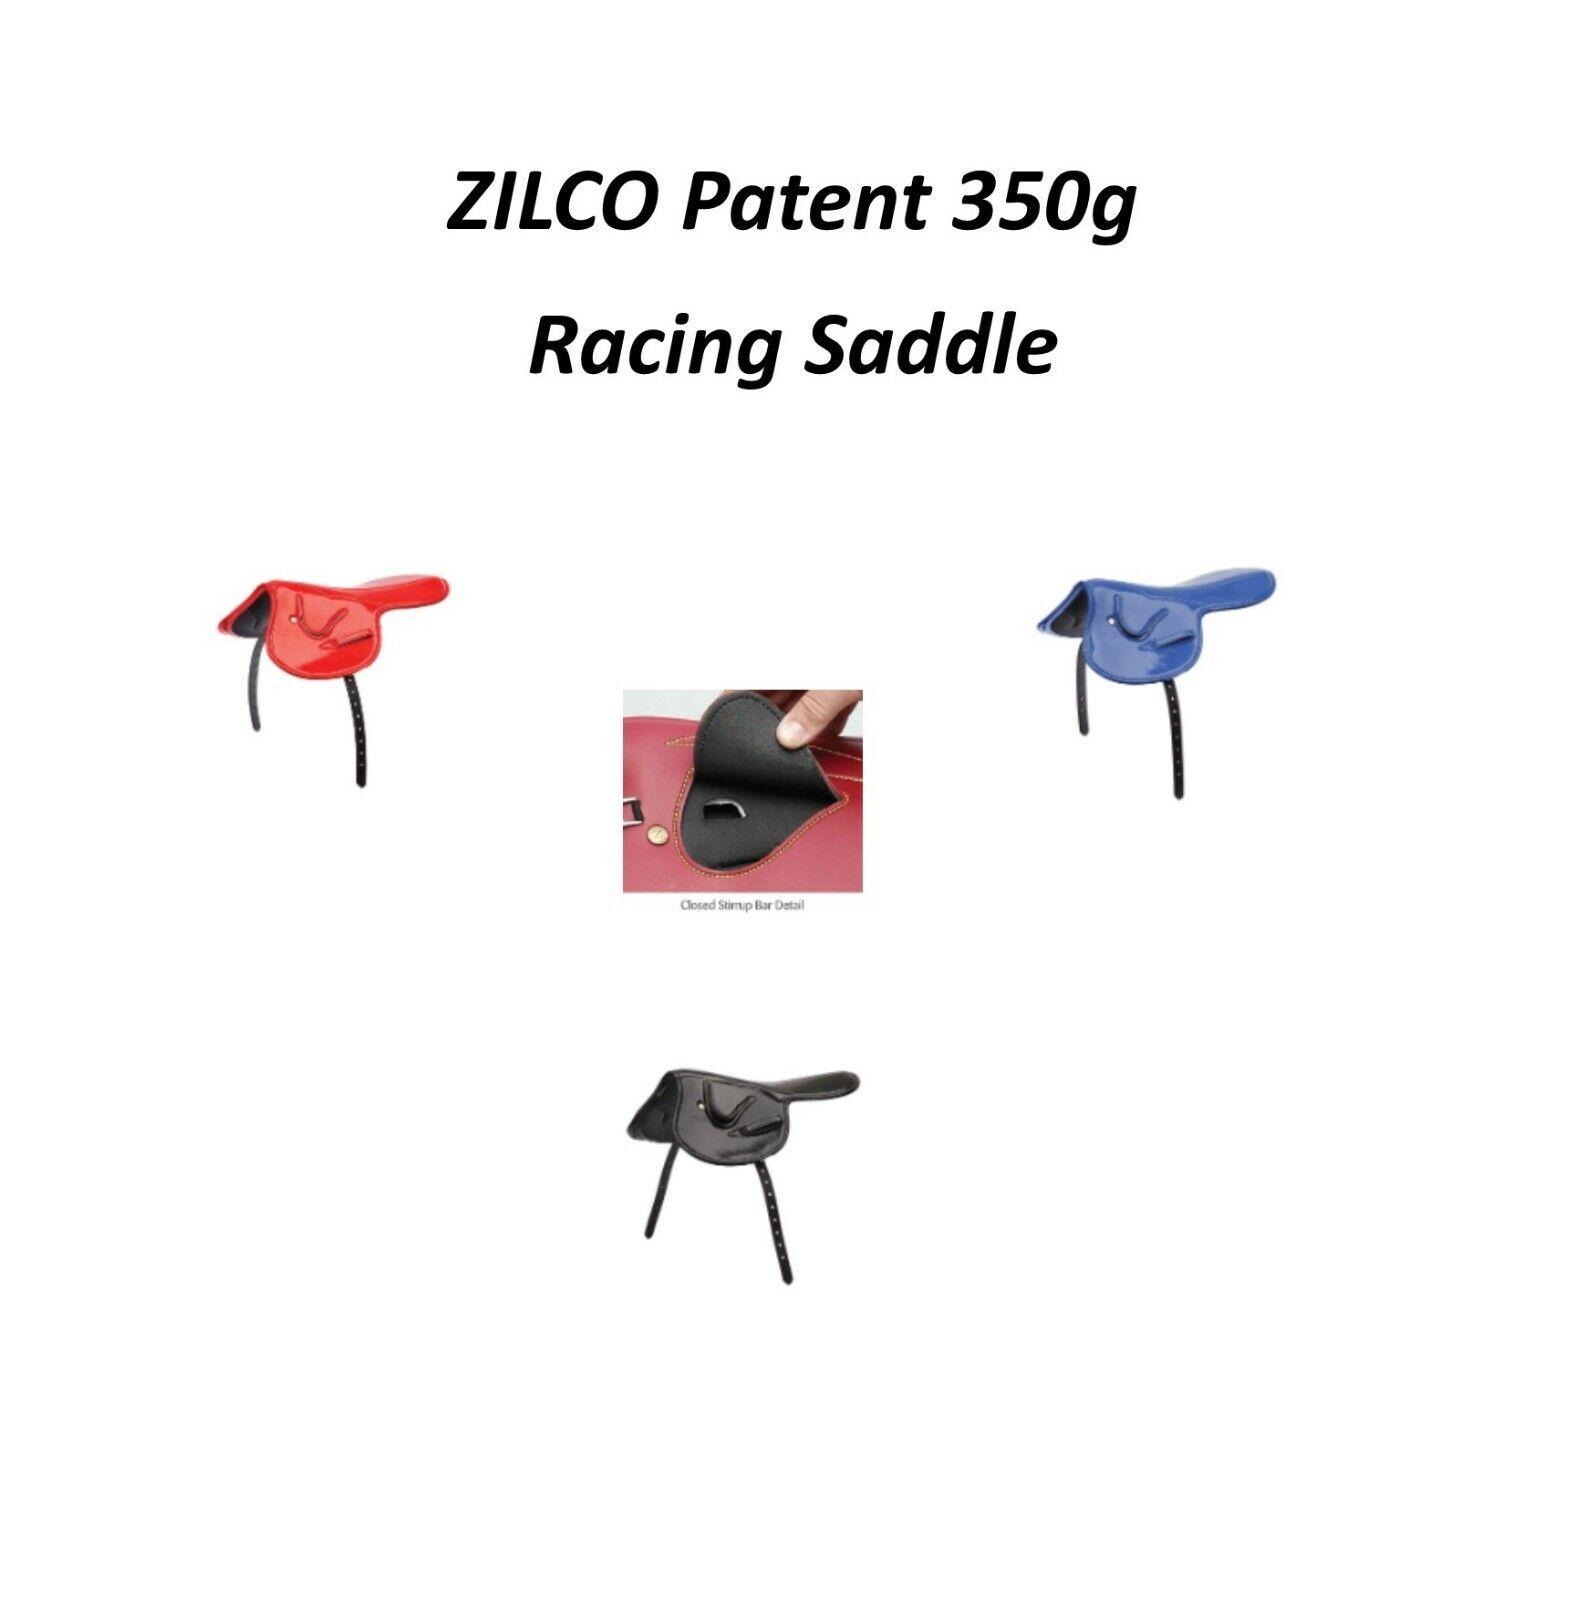 Zilco brevetto sella da corsa 350g